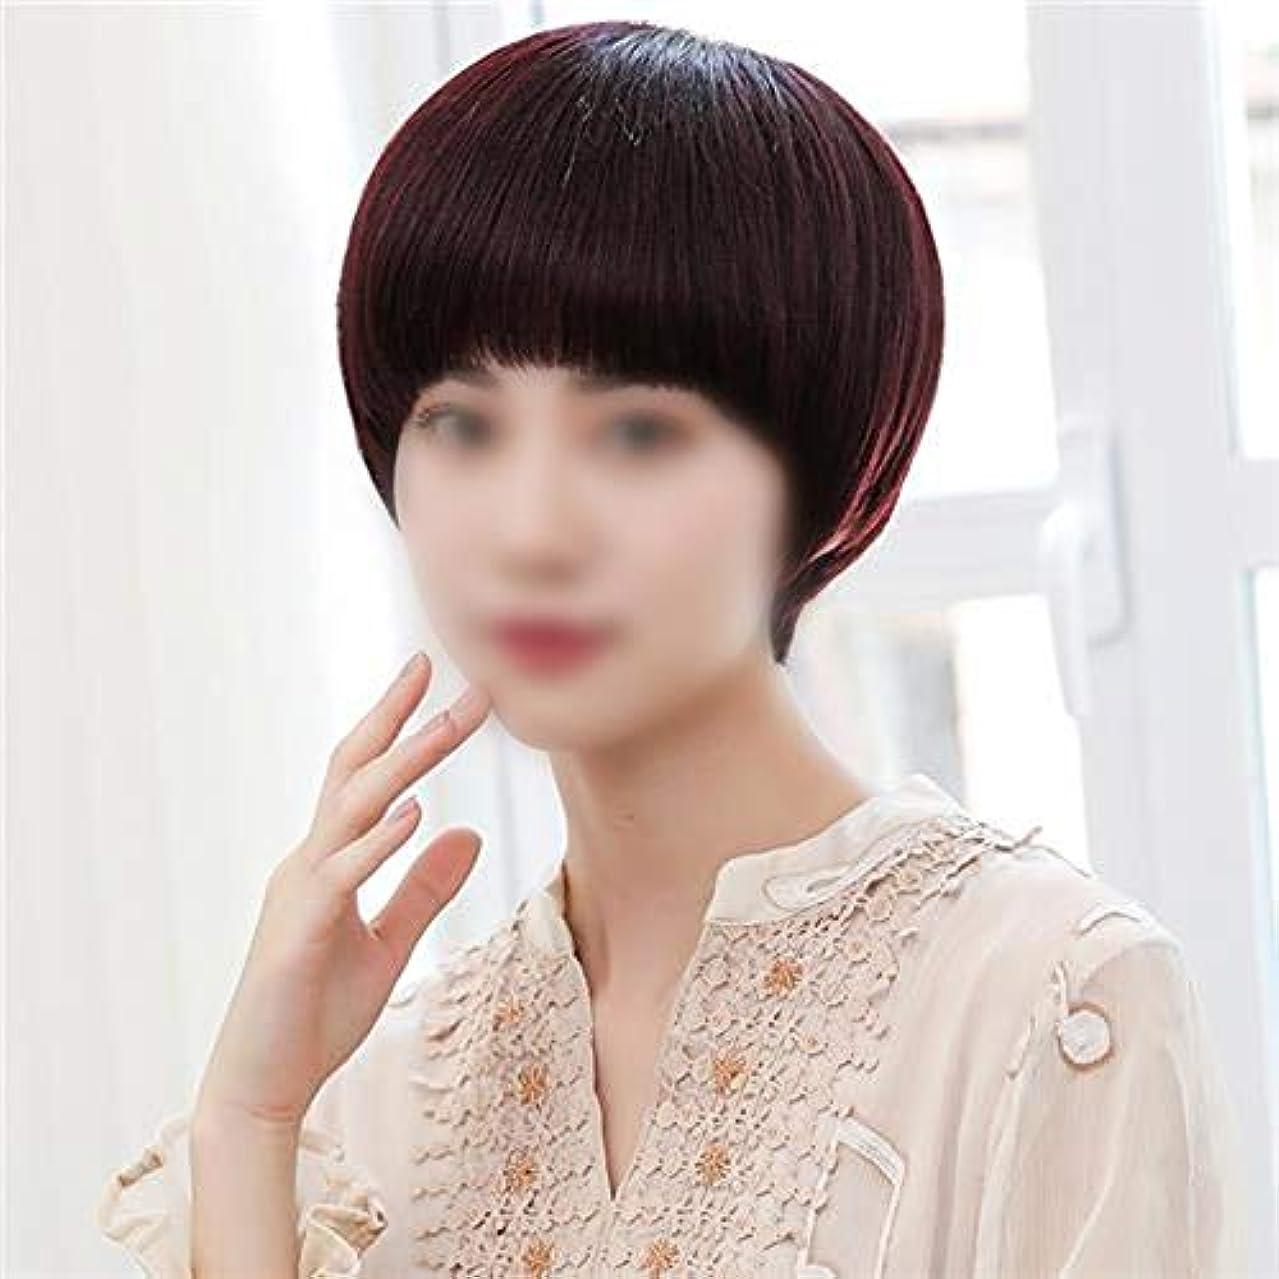 胸下着期待YOUQIU 女性のデイリードレスウィッグ用前髪ふわふわハンサムかつら本当の髪の手織りボブショートストレートヘアー (色 : ワインレッド)